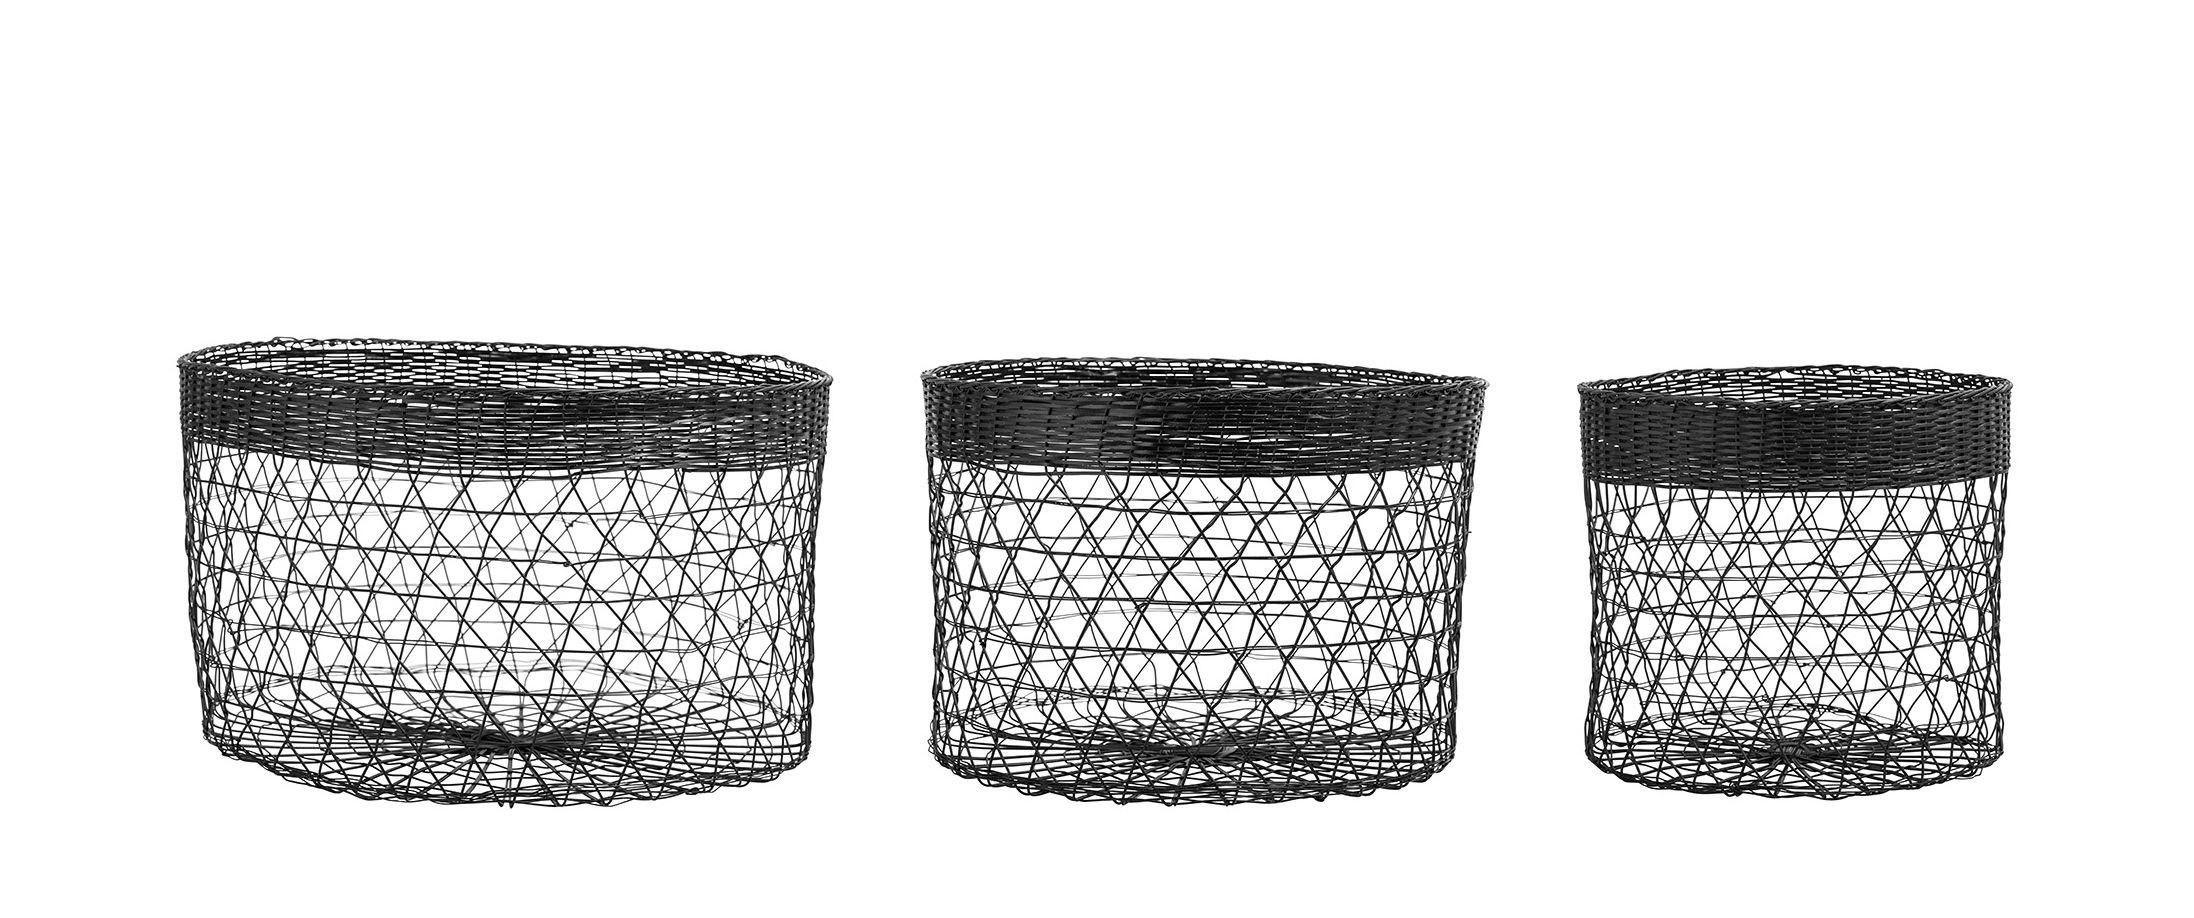 Dekoration - Körbe und Ablagen - Korb / 3 - er-Set Metallnetz - Bloomingville - Schwarz - lackiertes Metall